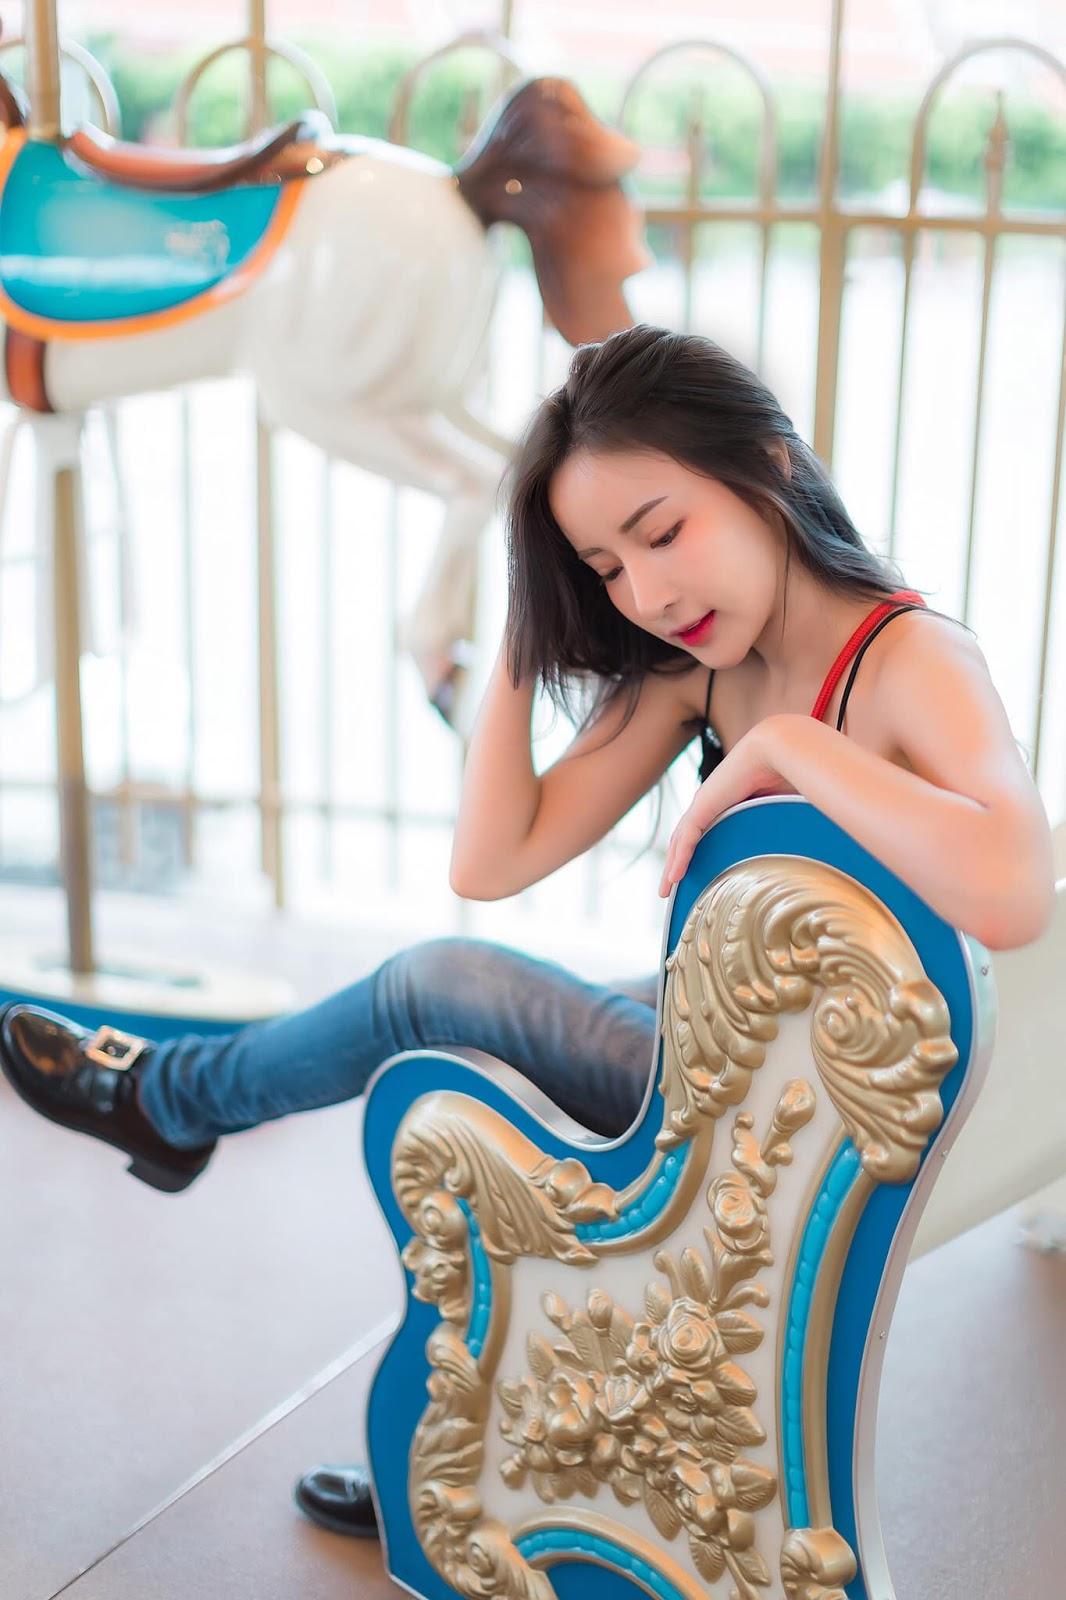 Thailand Hot Girl - Thanyarat Charoenpornkittada - My Memory Childhood Park - TruePic.net - Picture 4